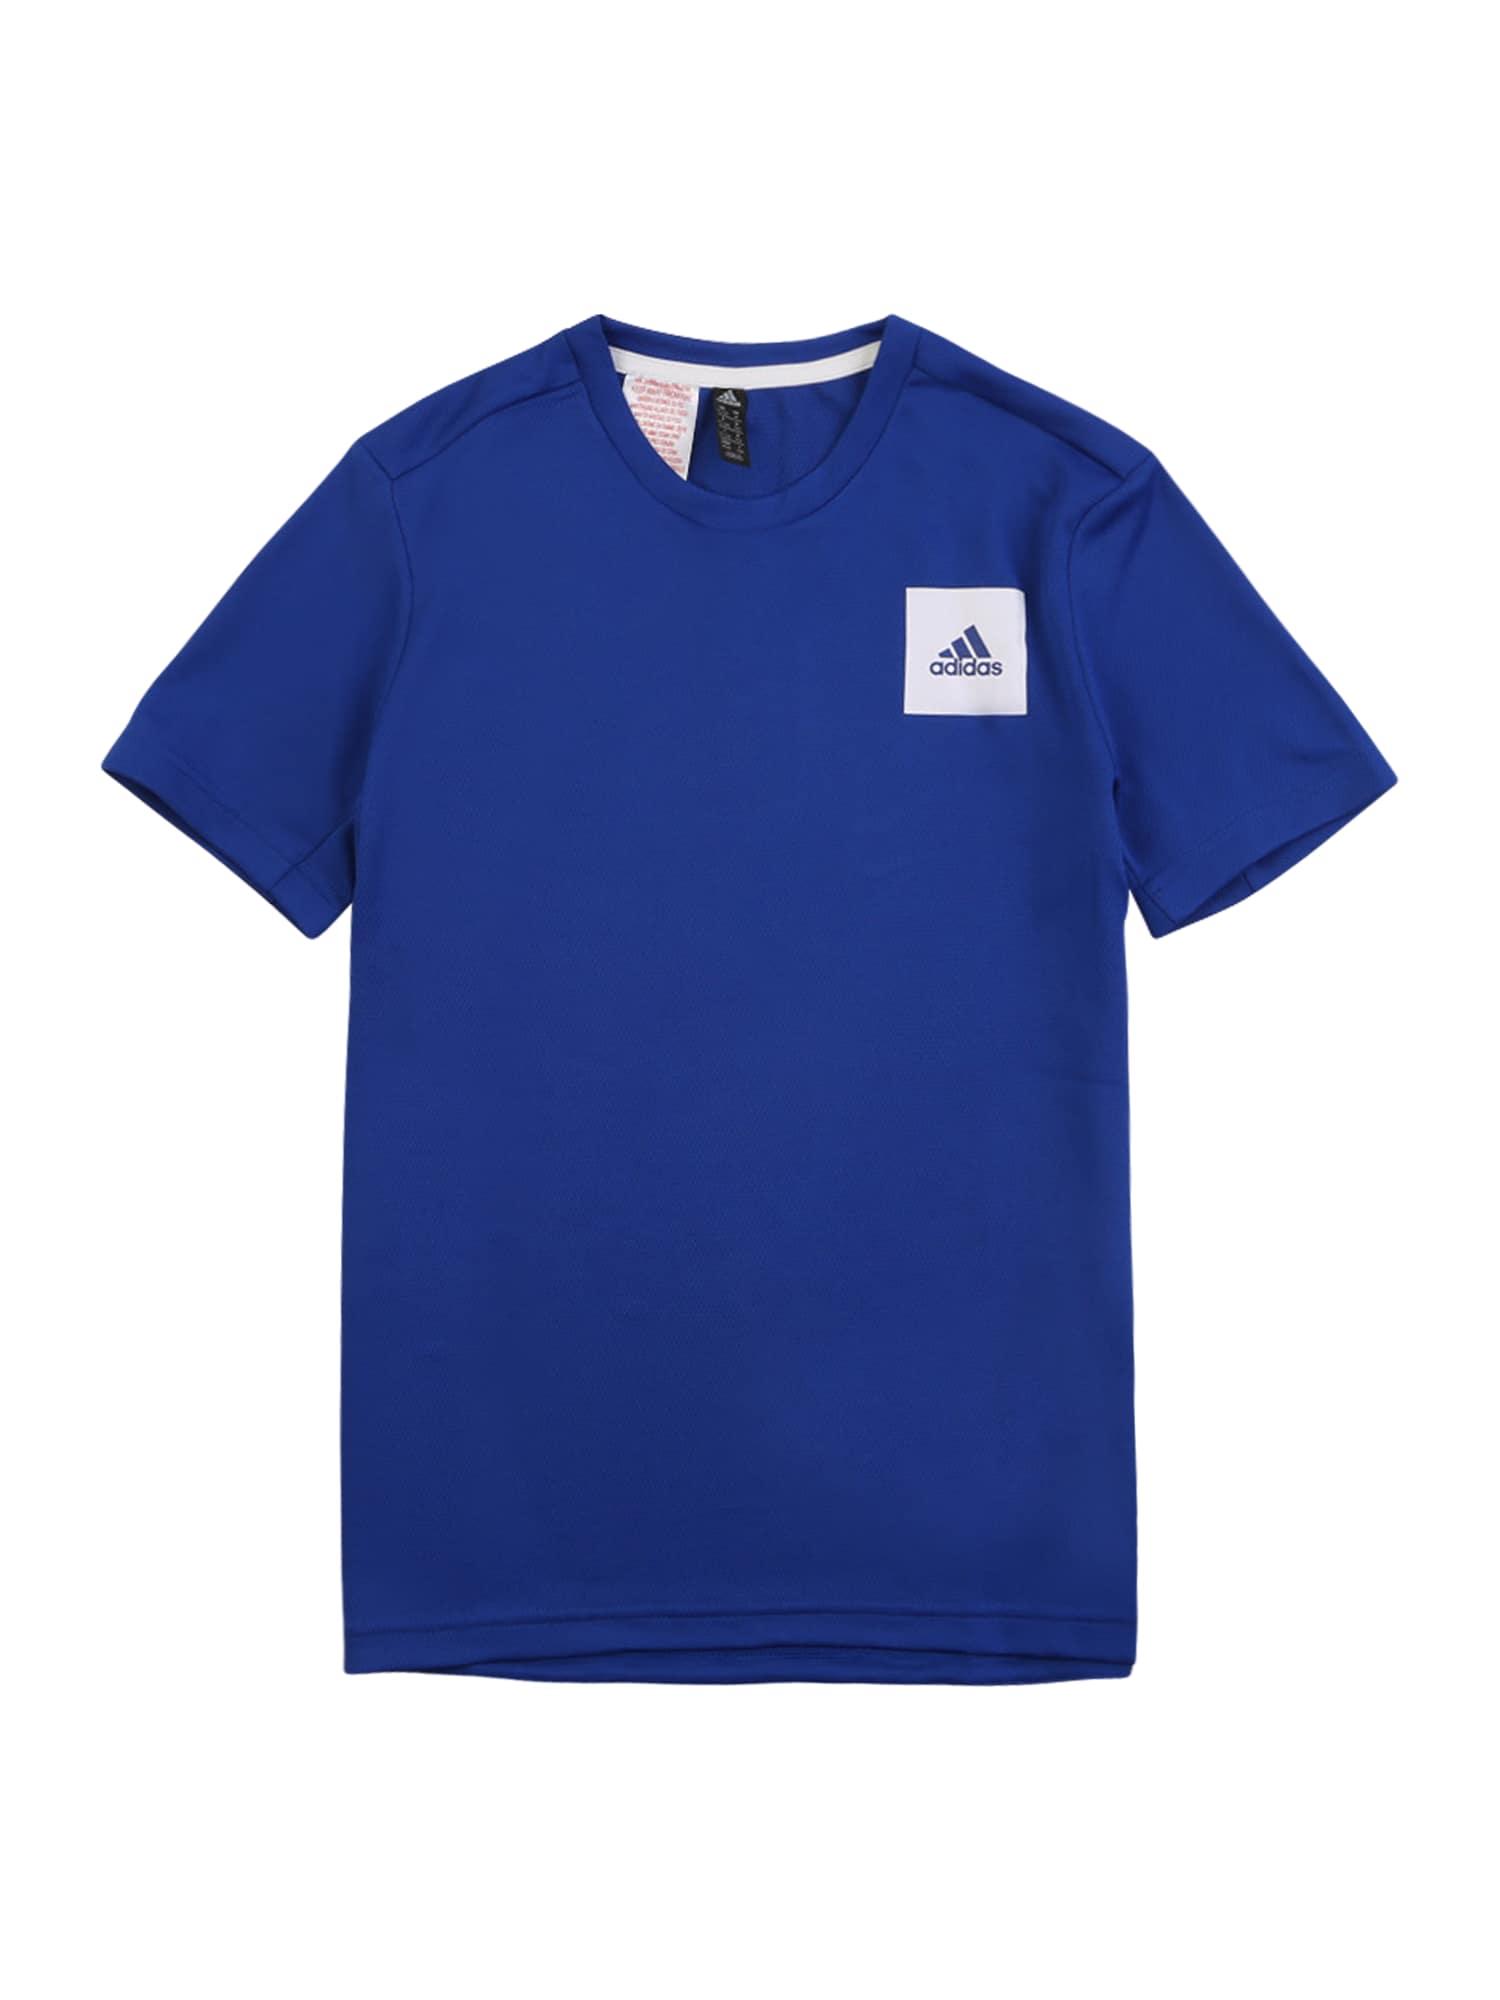 """ADIDAS PERFORMANCE Sportiniai marškinėliai sodri mėlyna (""""karališka"""") / balta"""